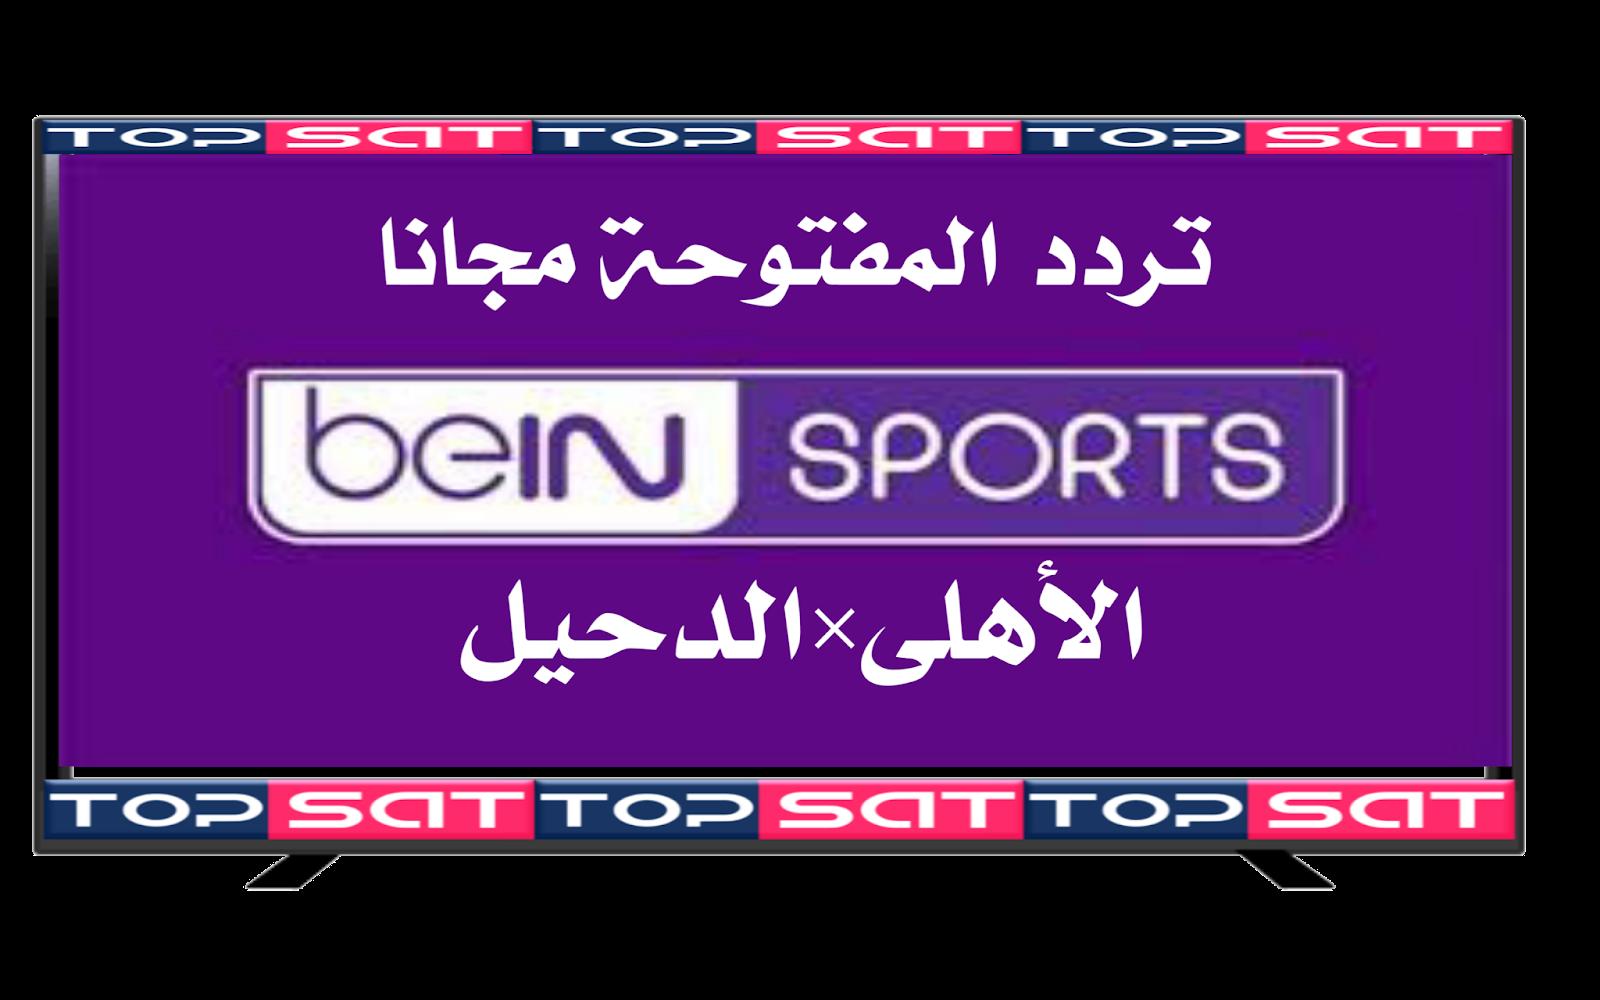 إليكم قناة بي إن سبورت المفتوحة التى أعلنت عن نقل مباراة الأهلى الدحيل المقامة فى قطر فى افتتاح كأس العالم للأندية 2021 مع اقتراب موعد In 2021 Bein Sports Sports